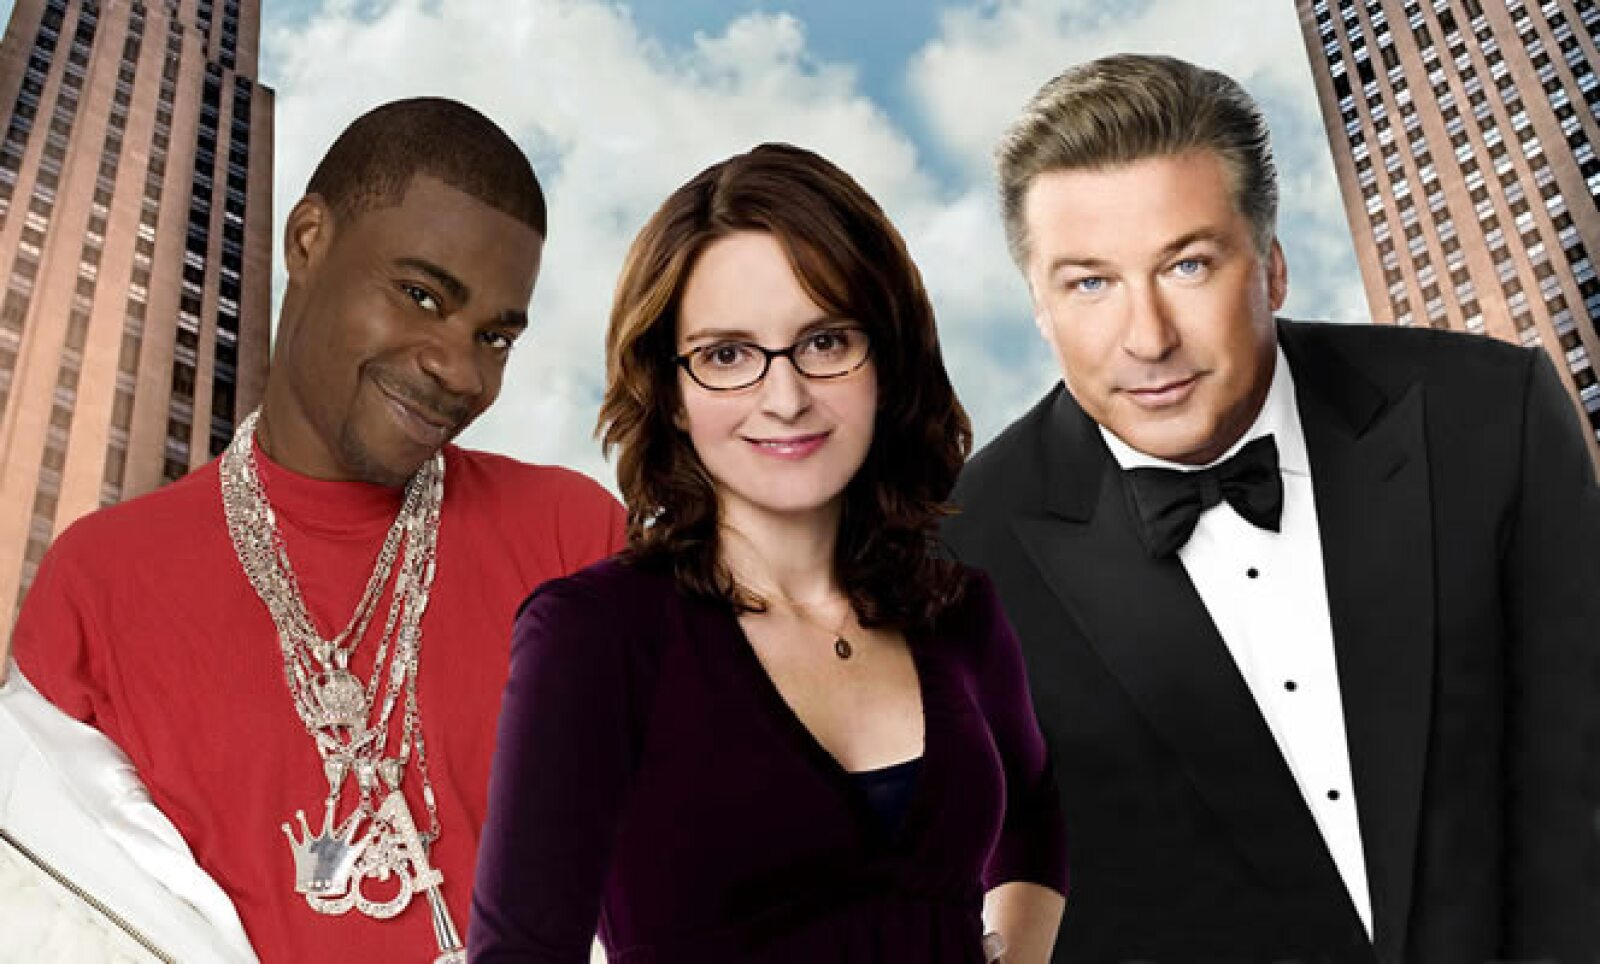 Una comedia que se ha consolidado en la barra de programas de la NBC, gracias al carisma de sus actores. El episodio piloto fue visto por más de 8 millones de personas.